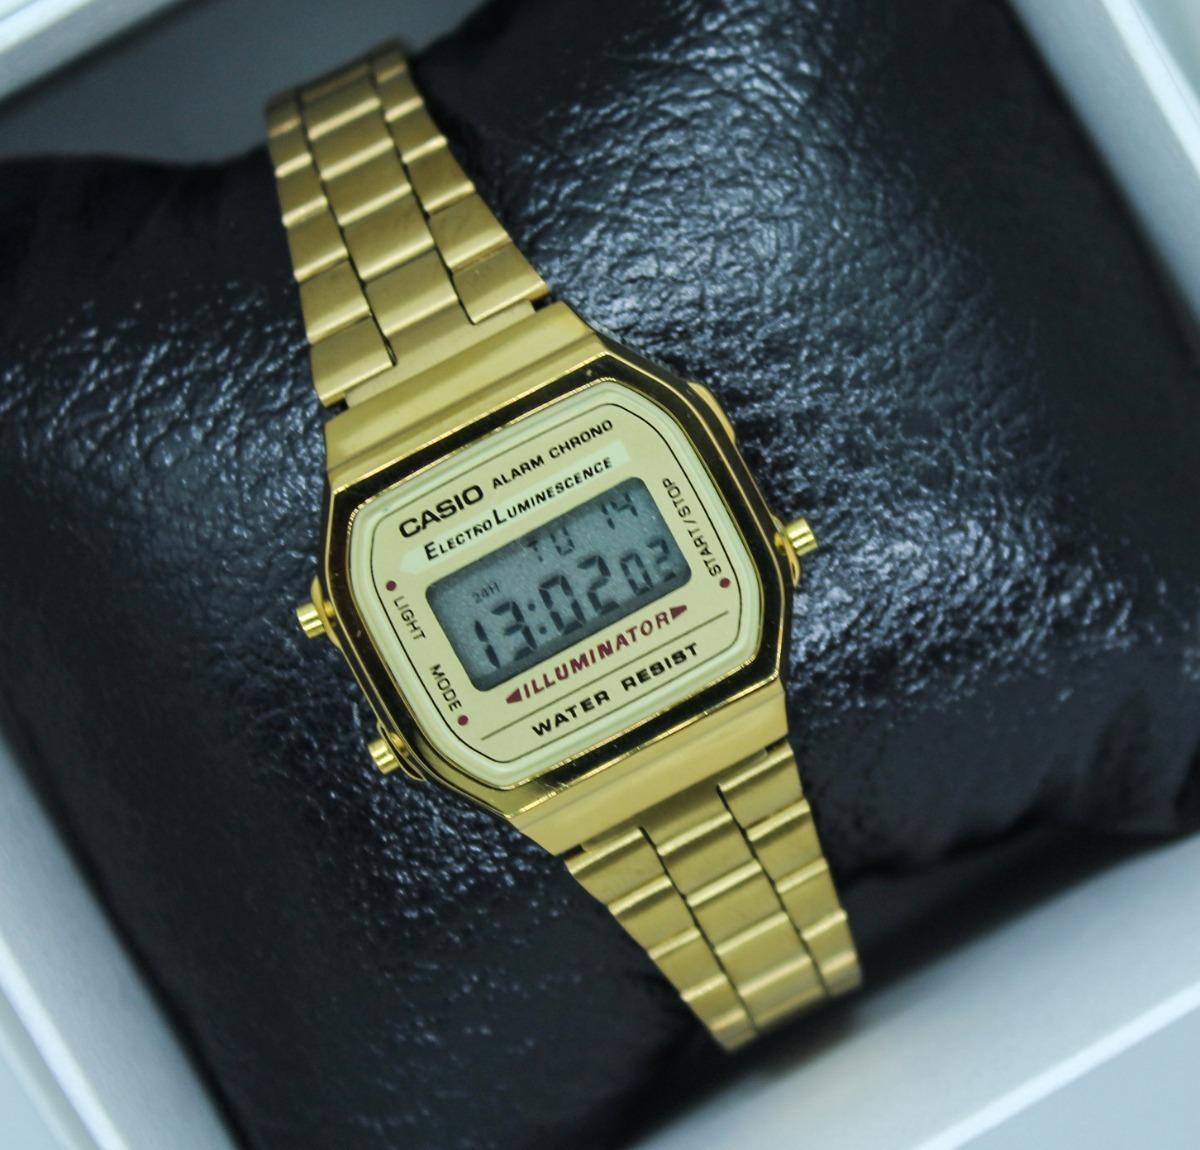 b8893ec0df93 reloj casio dama vintage dorado 1572 a168 mini envío gratis. Cargando zoom.